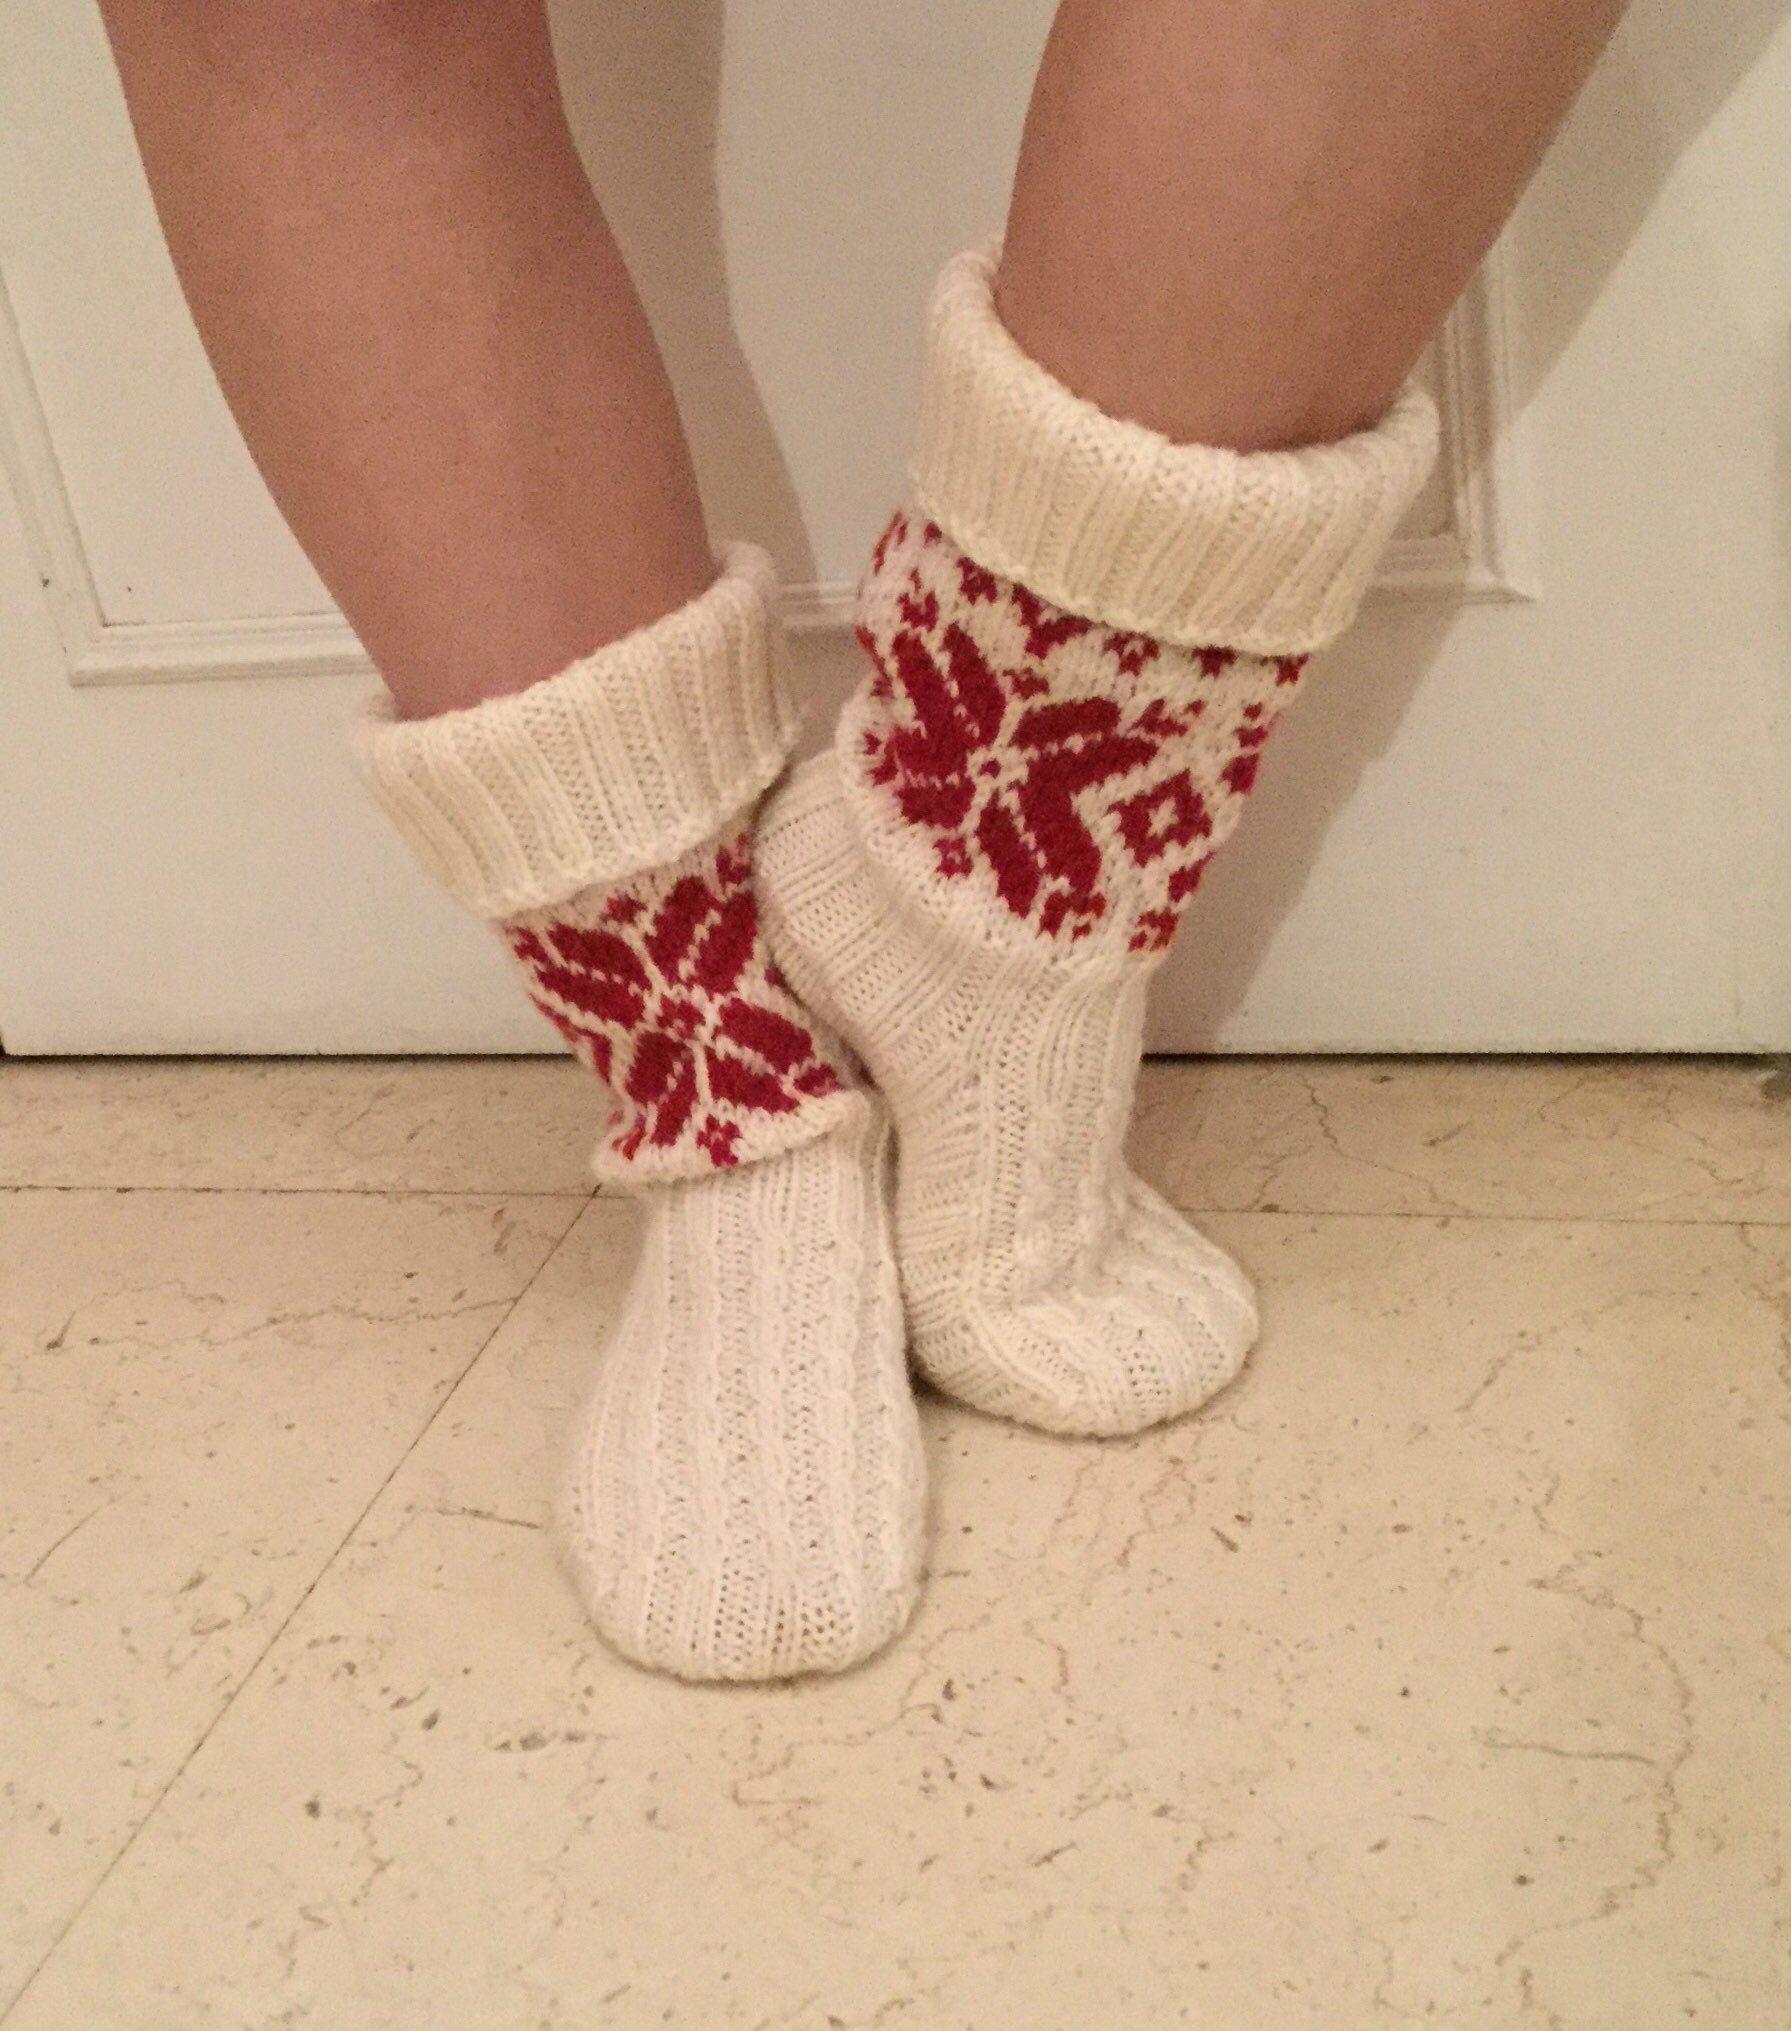 Chaussettes pure laine, tricotés main. Chaussettes jacquard